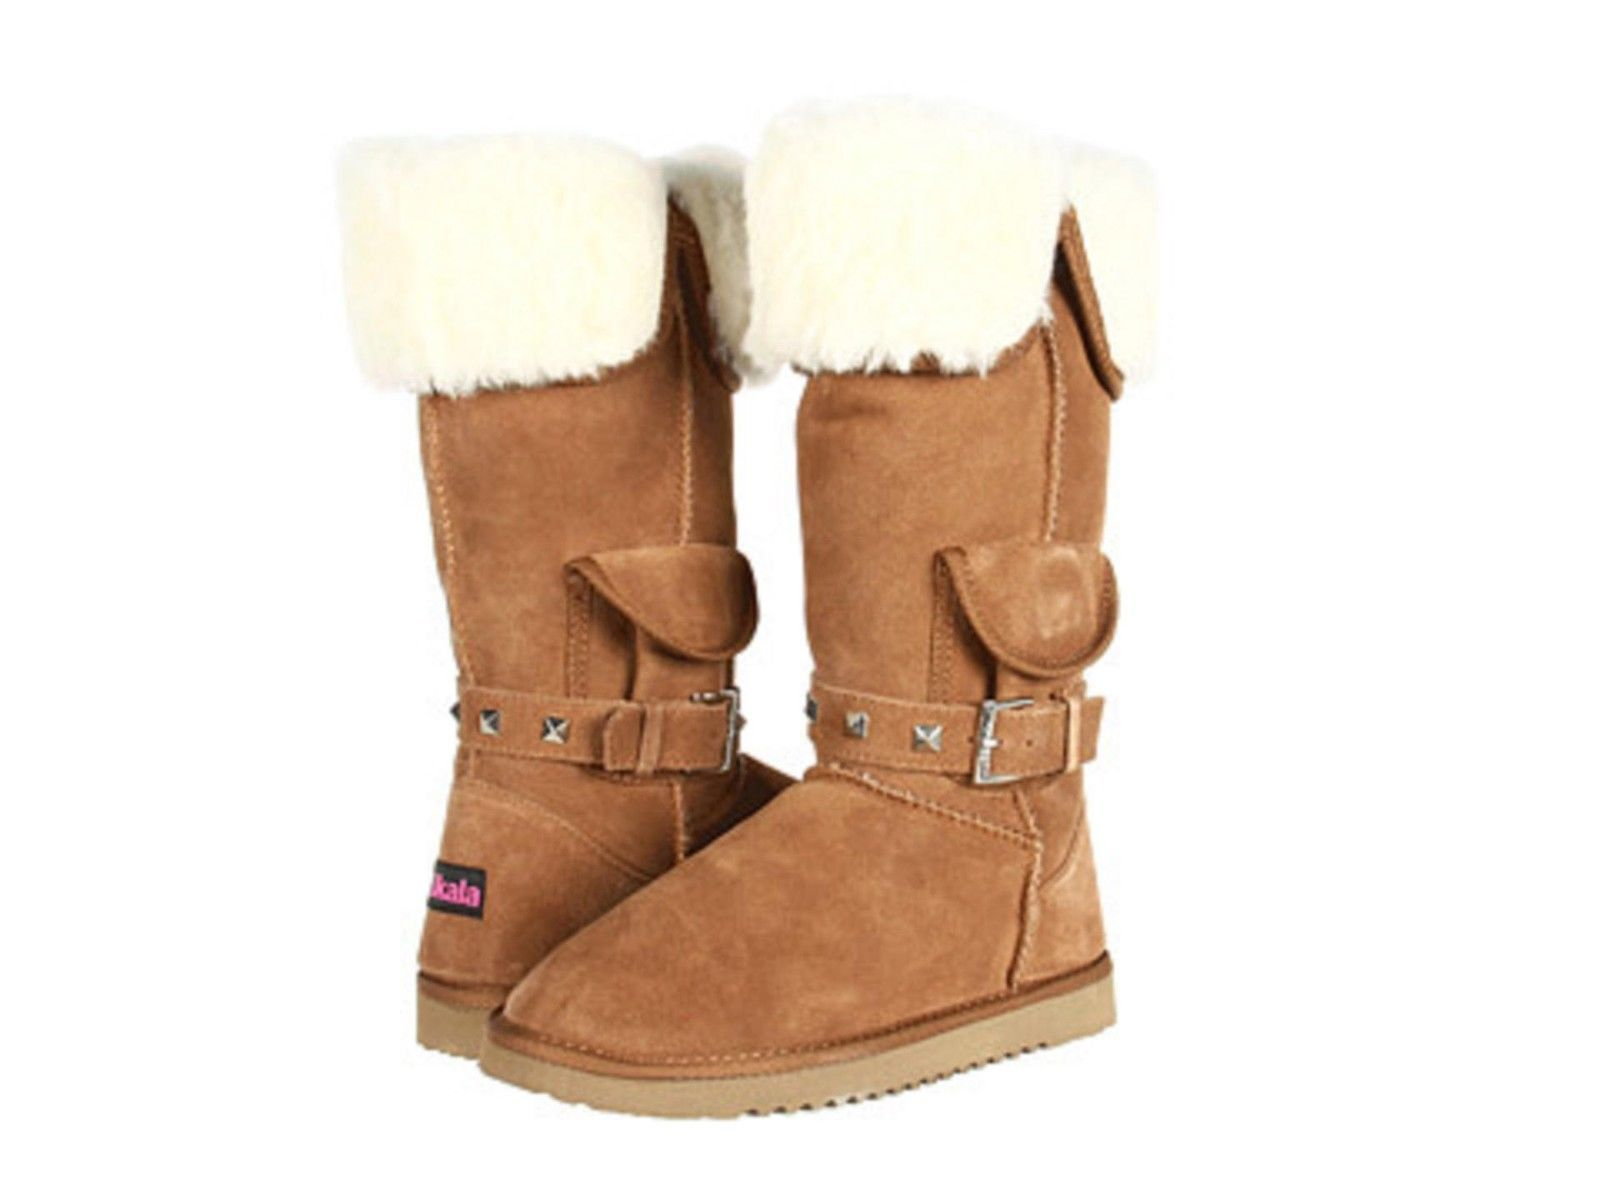 6528644b4f Ukala by EMU Australia Sydney Fiona Tall Womens Wool Winter Boots 7 8 9 10  NEW